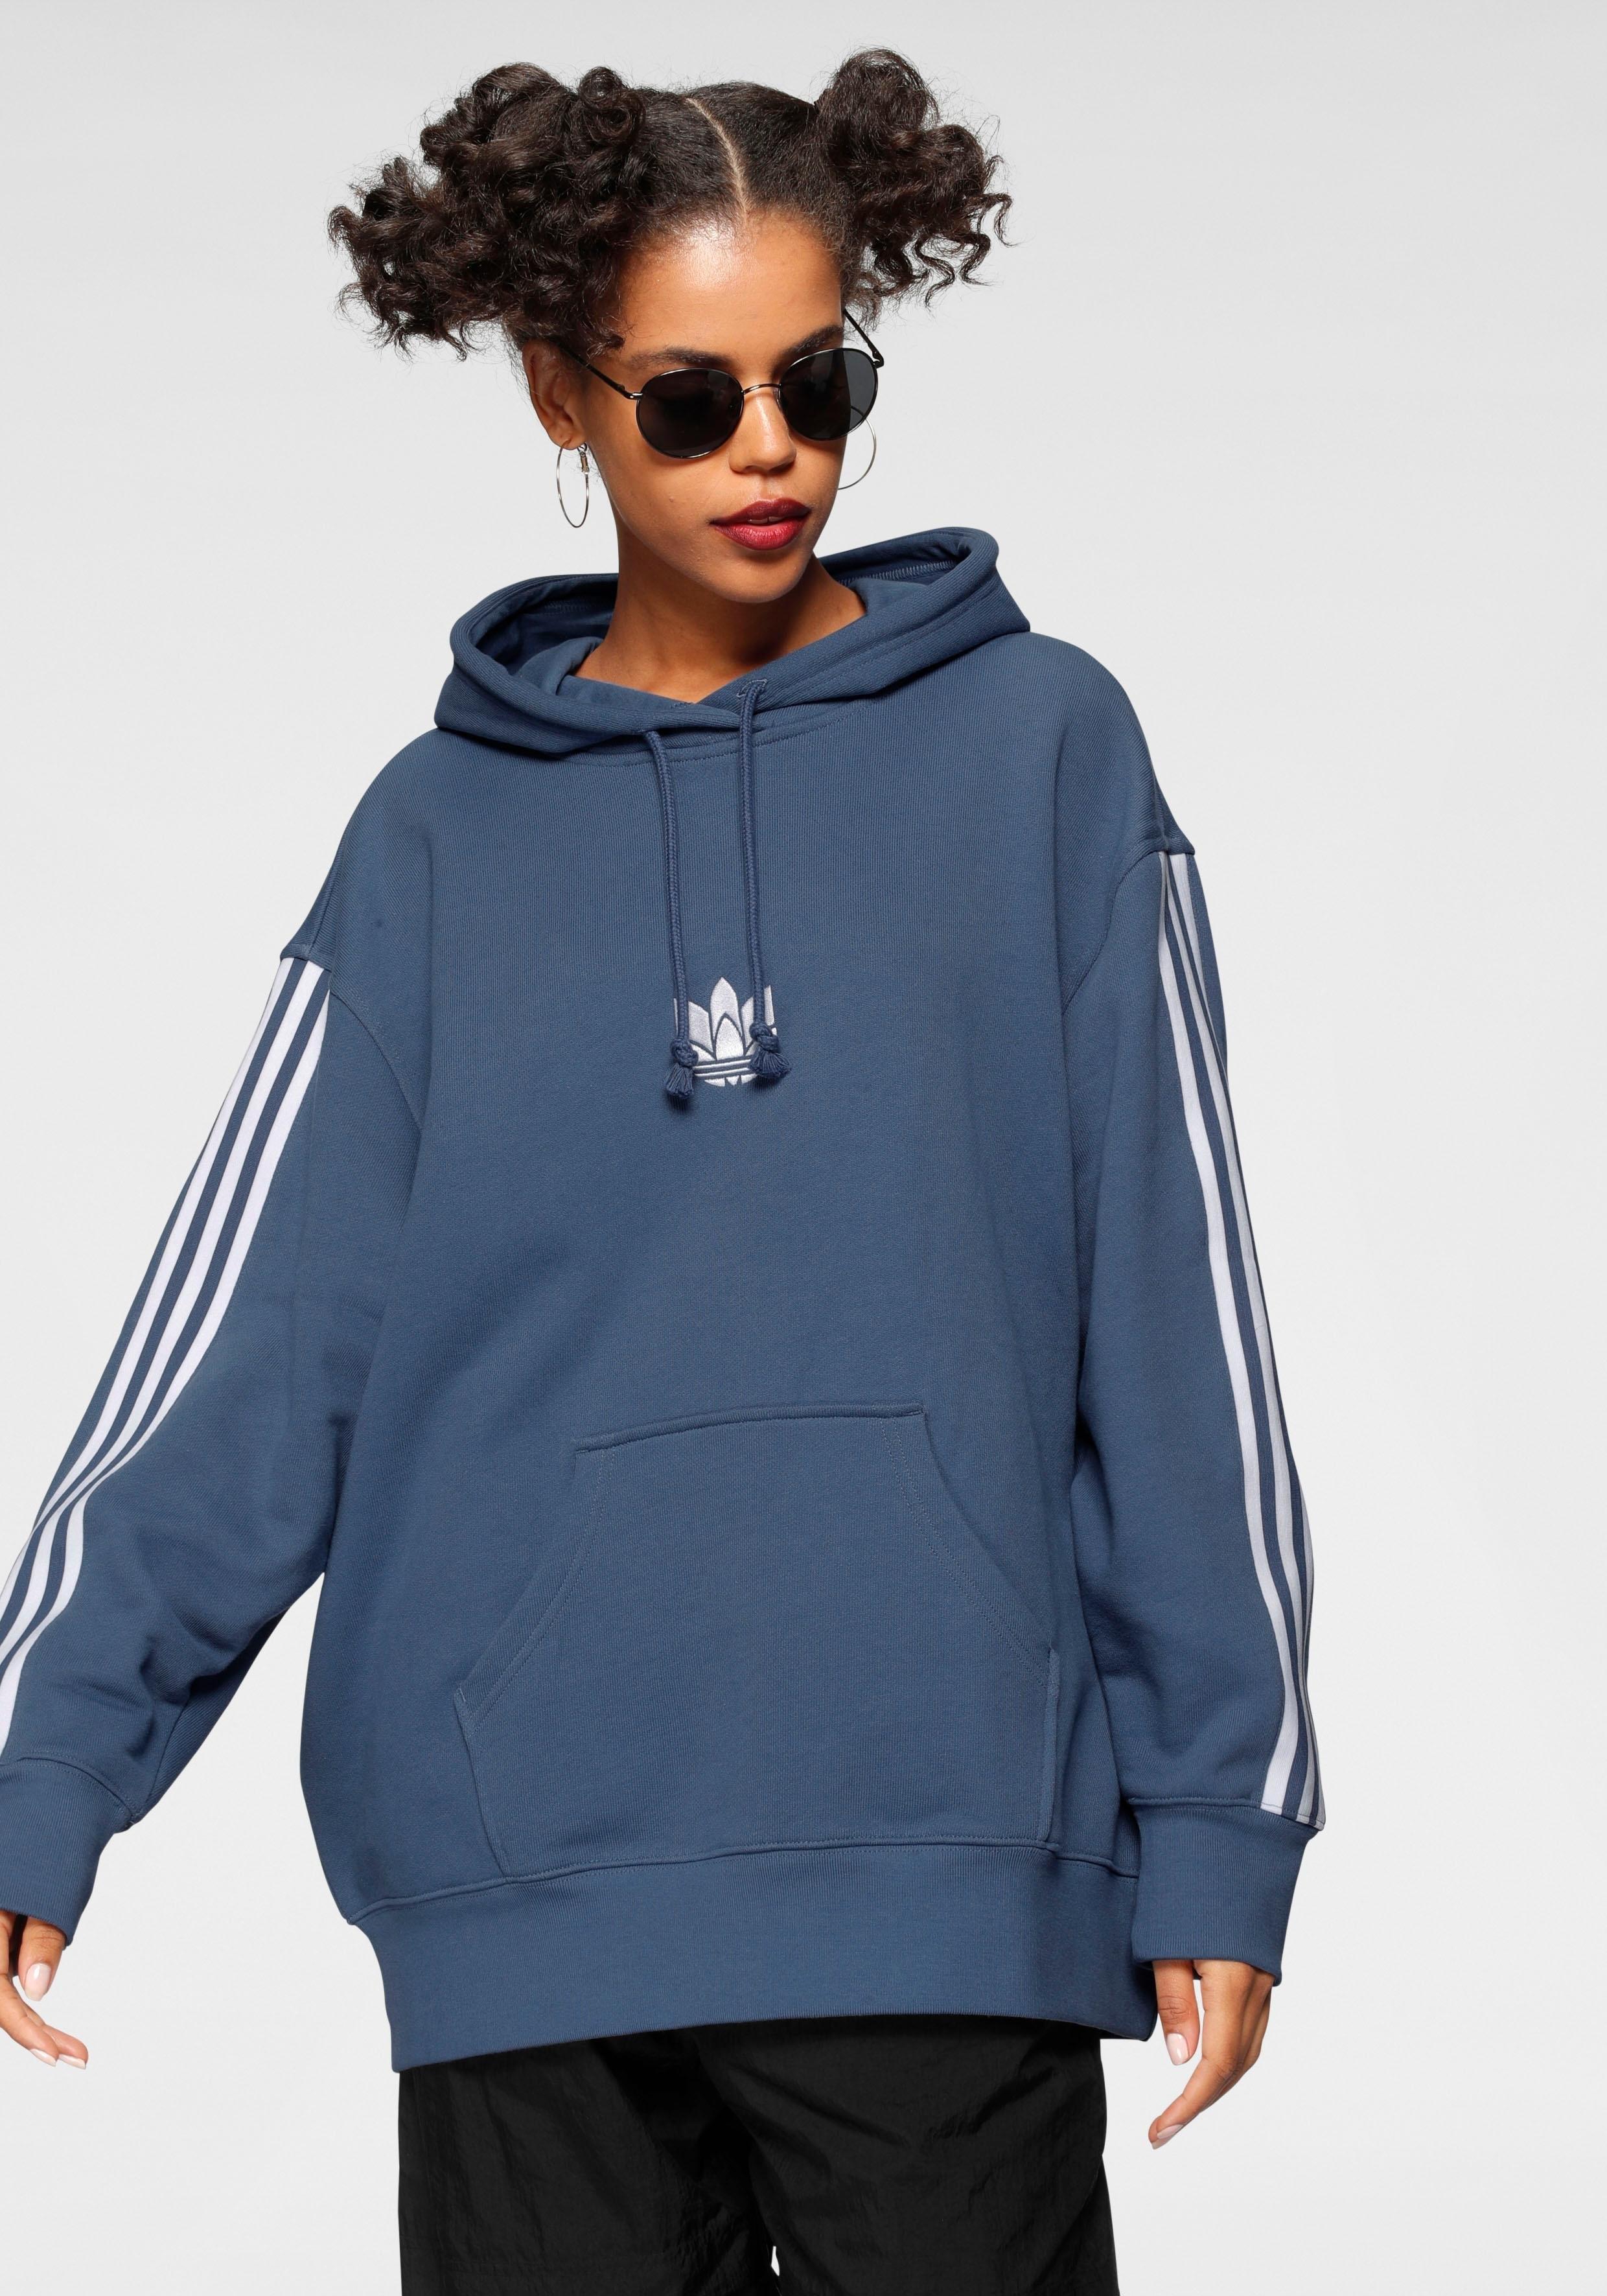 adidas Originals hoodie LOUNGEWEAR ADICOLOR 3D TREFOIL OVERSIZE nu online kopen bij OTTO